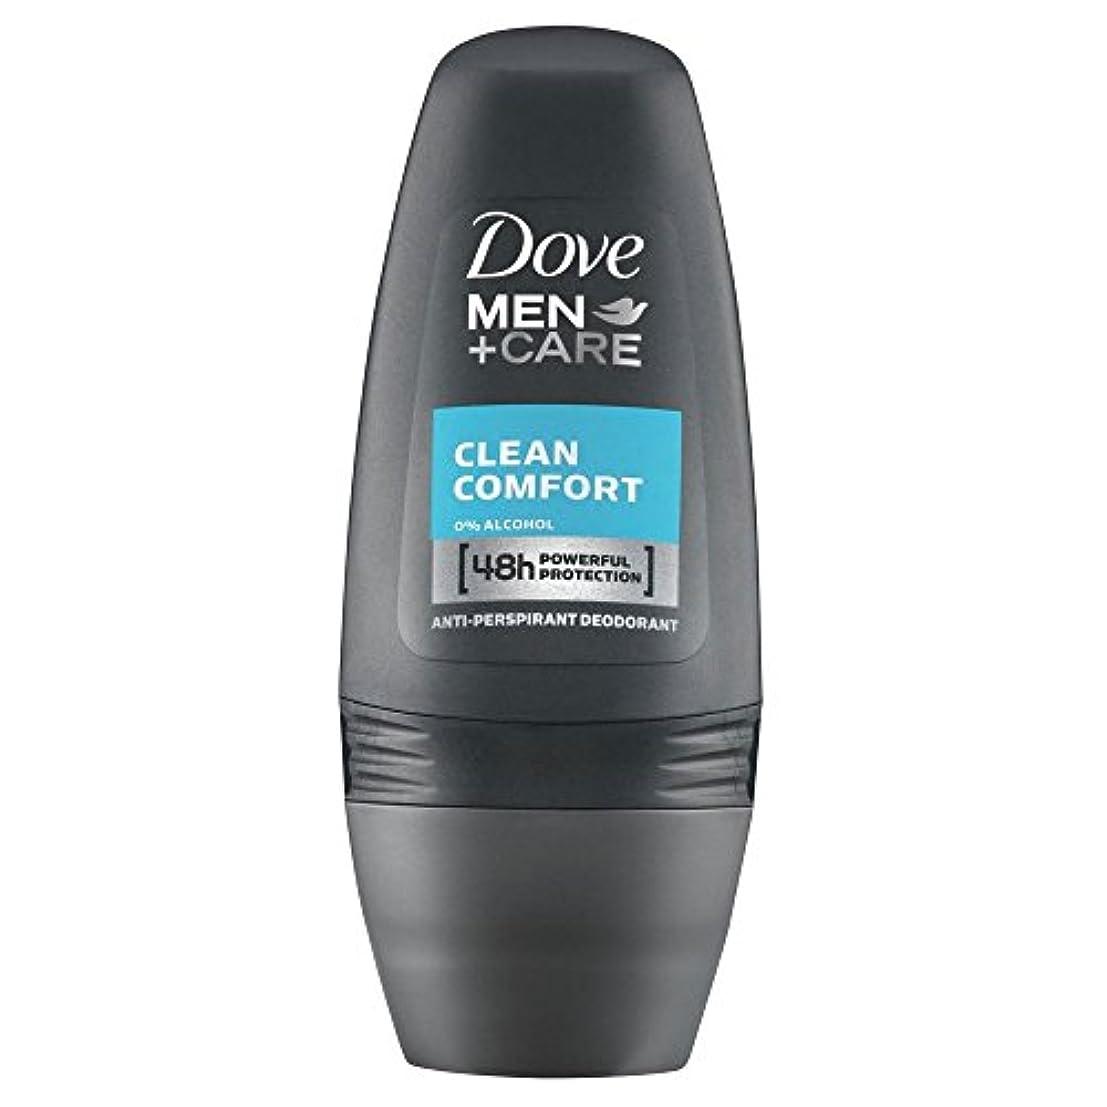 勇気代理人黙Dove Men + Care Antiperspirant Deodorant - Clean Comfort Roll-On (50ml) クリーンコンフォートロールオン( 50ミリリットル) - 鳩の男性は制汗デオドラントケア...